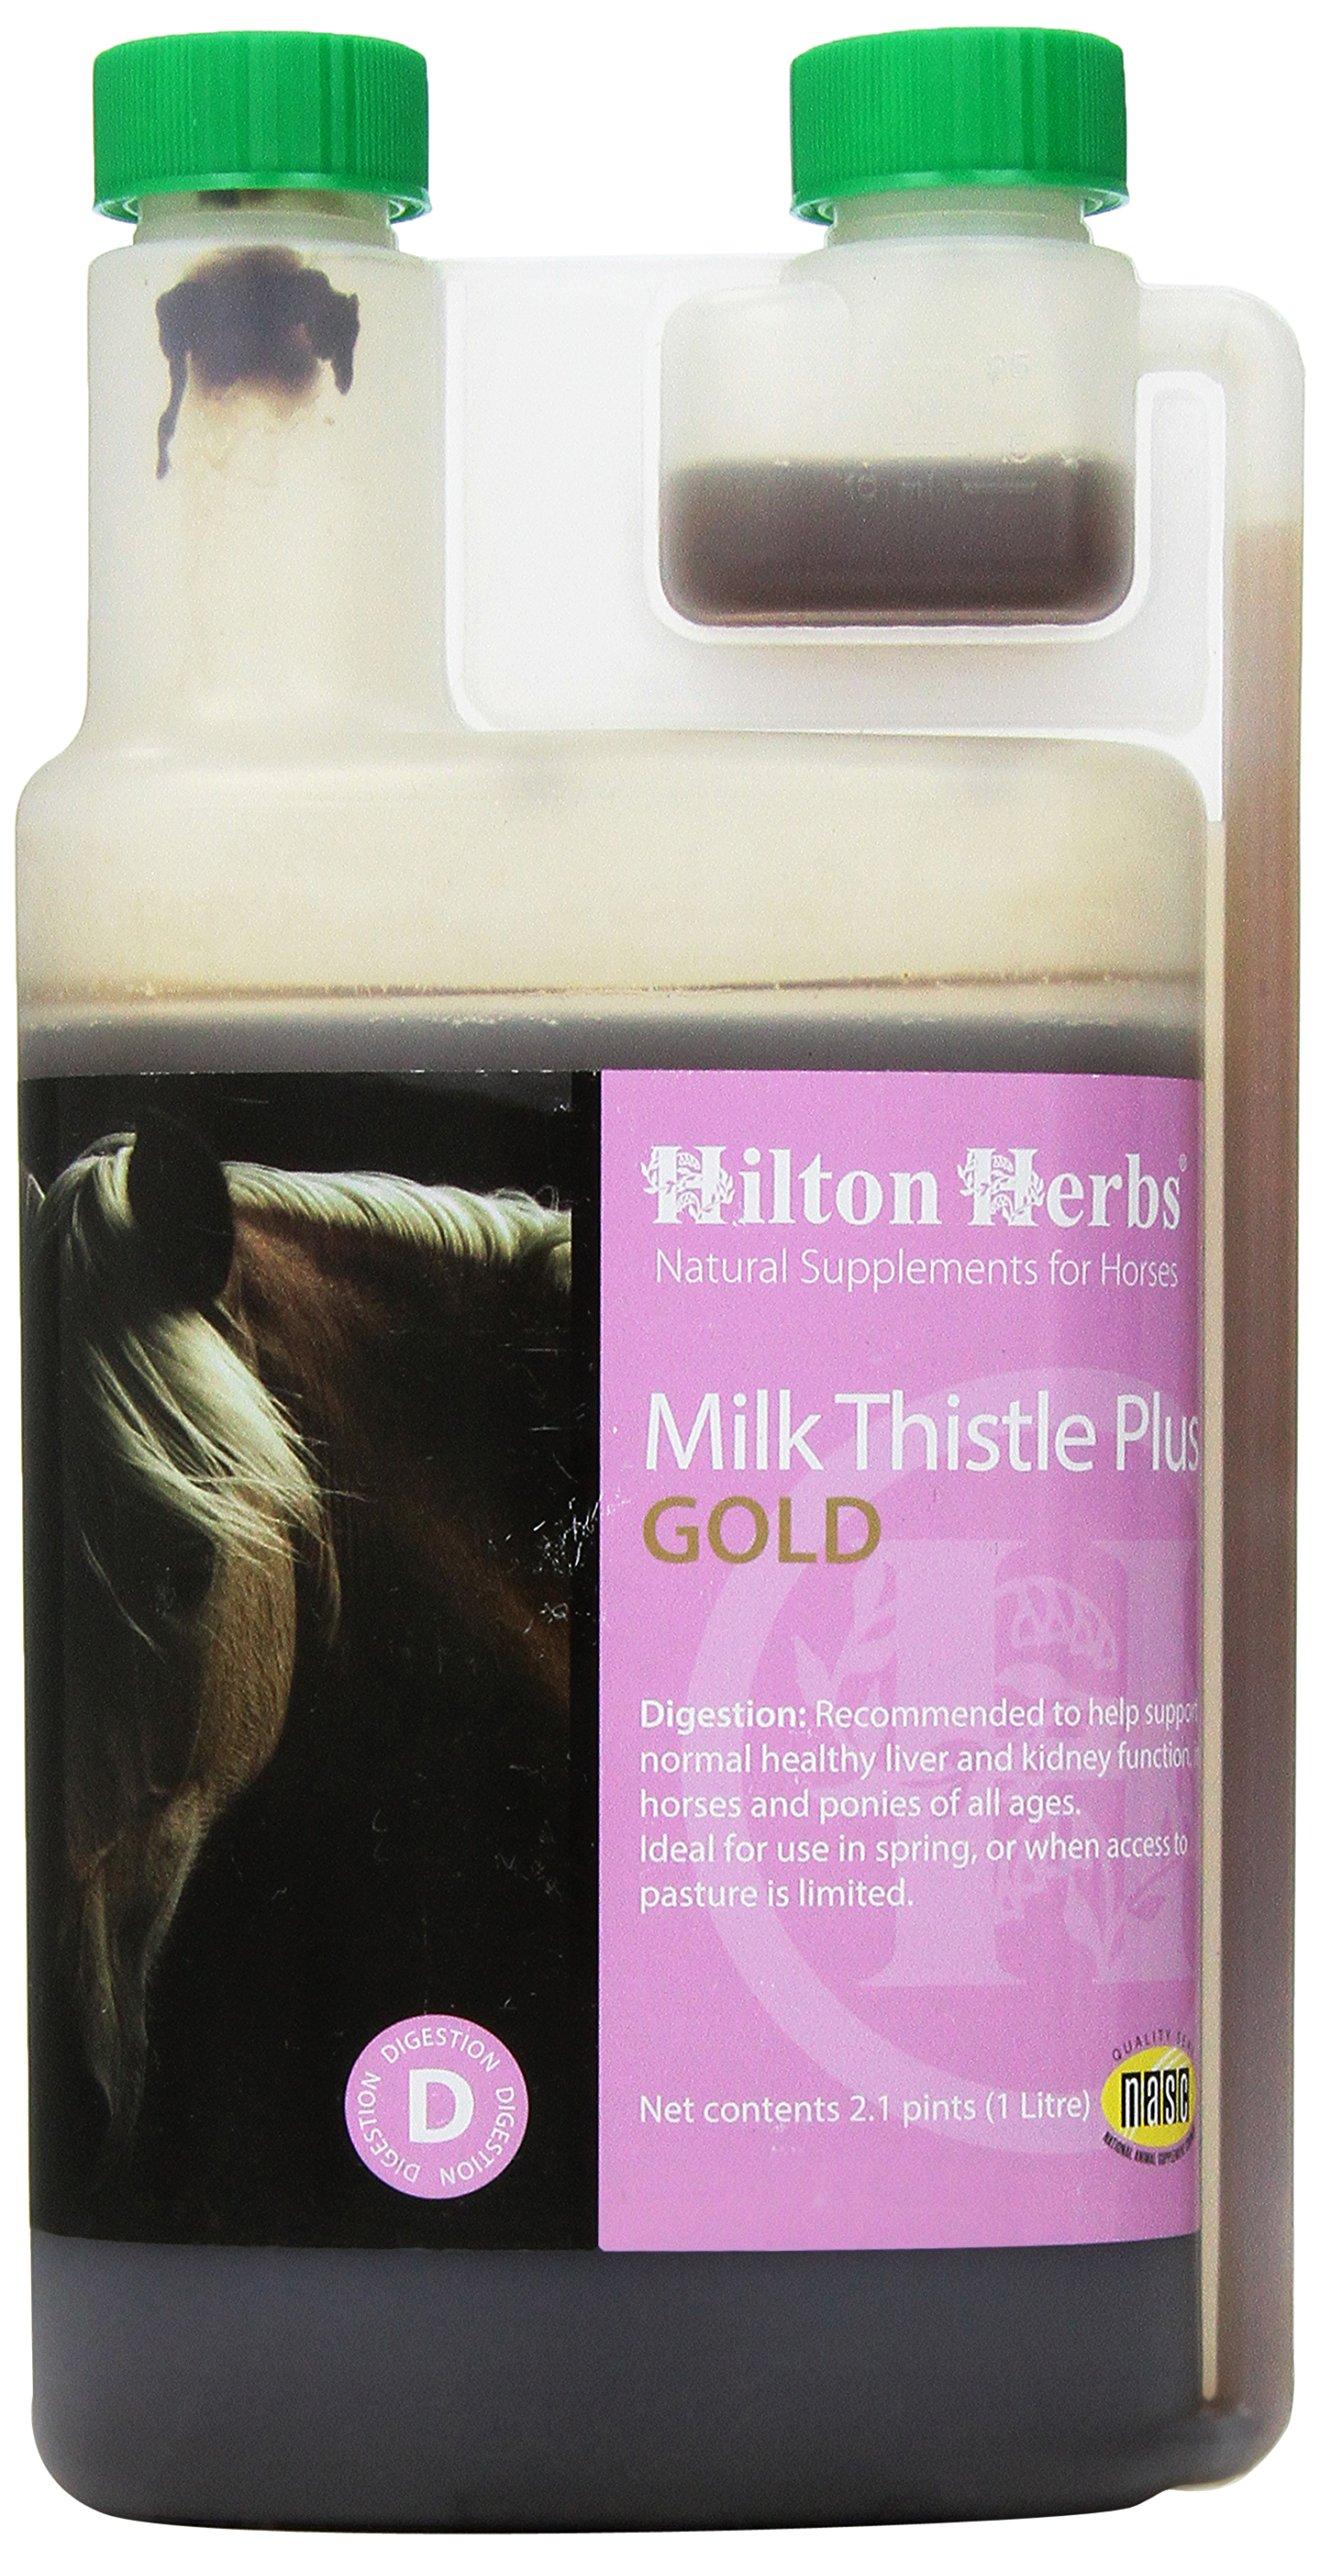 Hilton Herbs Milk Thistle Plus Gold Liquid Herbal Detox Supplement for Horses, 2.1pt Bottle